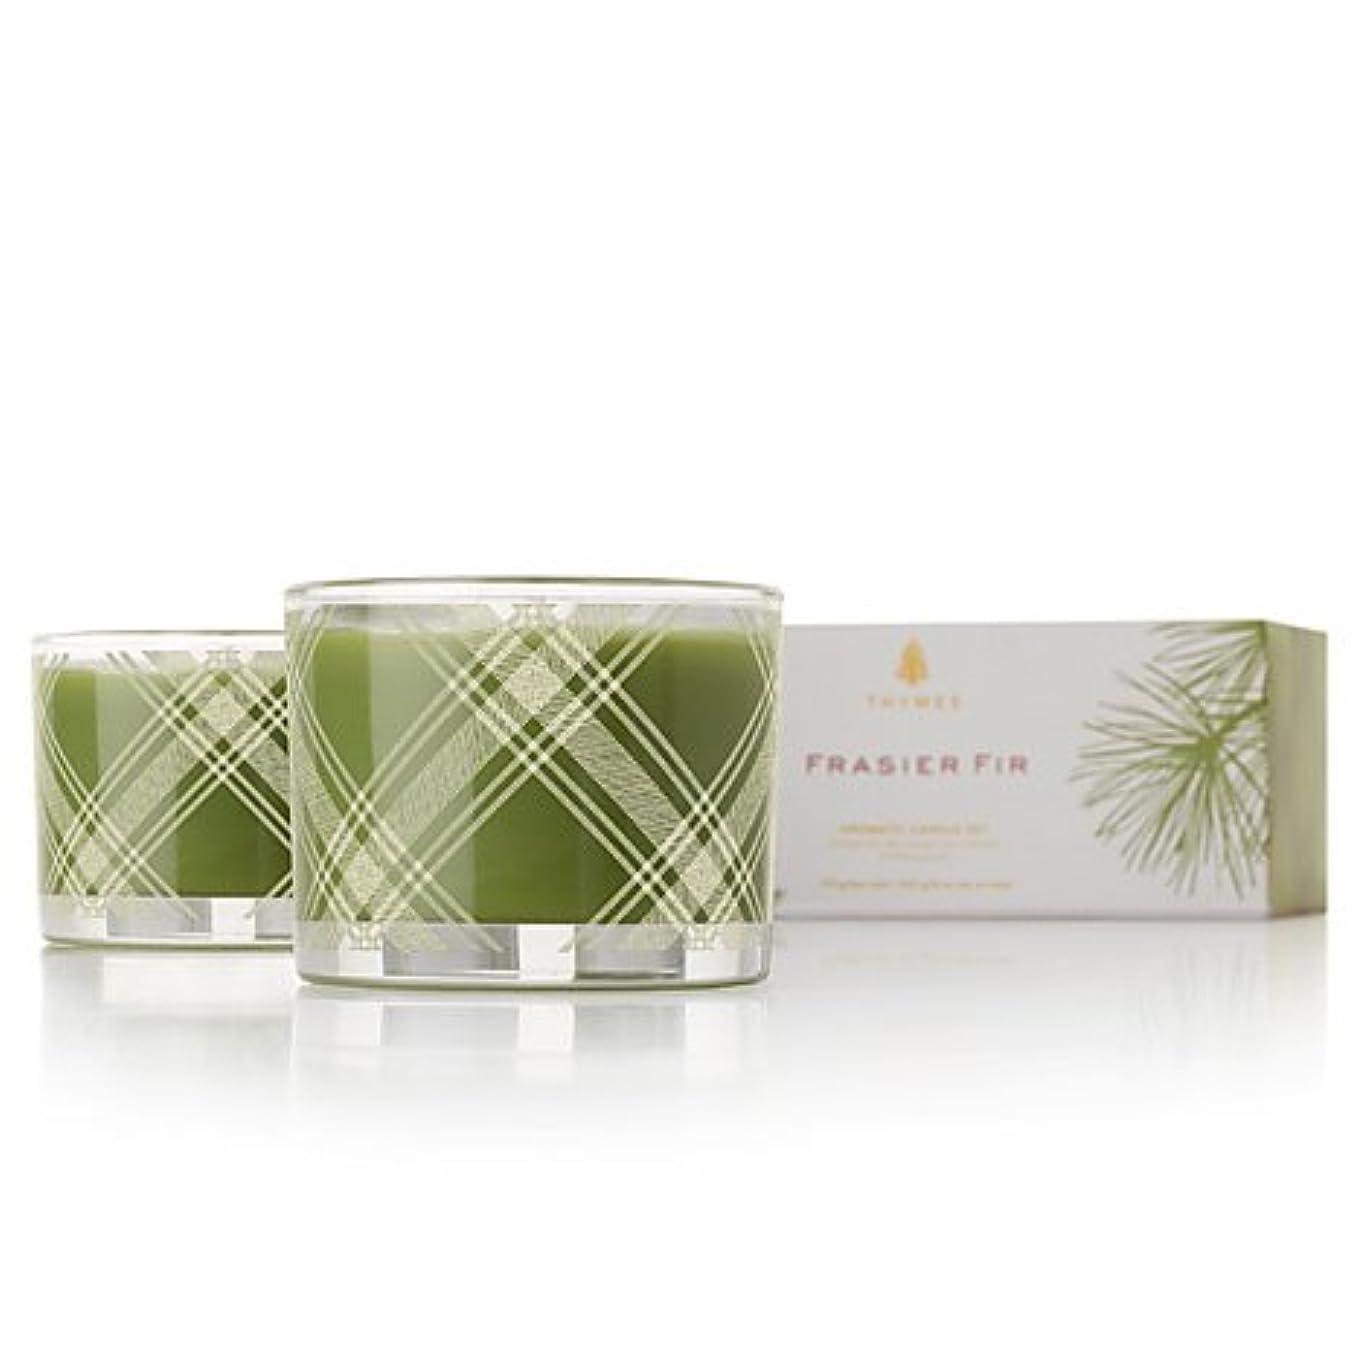 床割る整然としたThymes Frasier Fir Aromatic Poured Candle Set 2 x 3.75 oz by Thymes